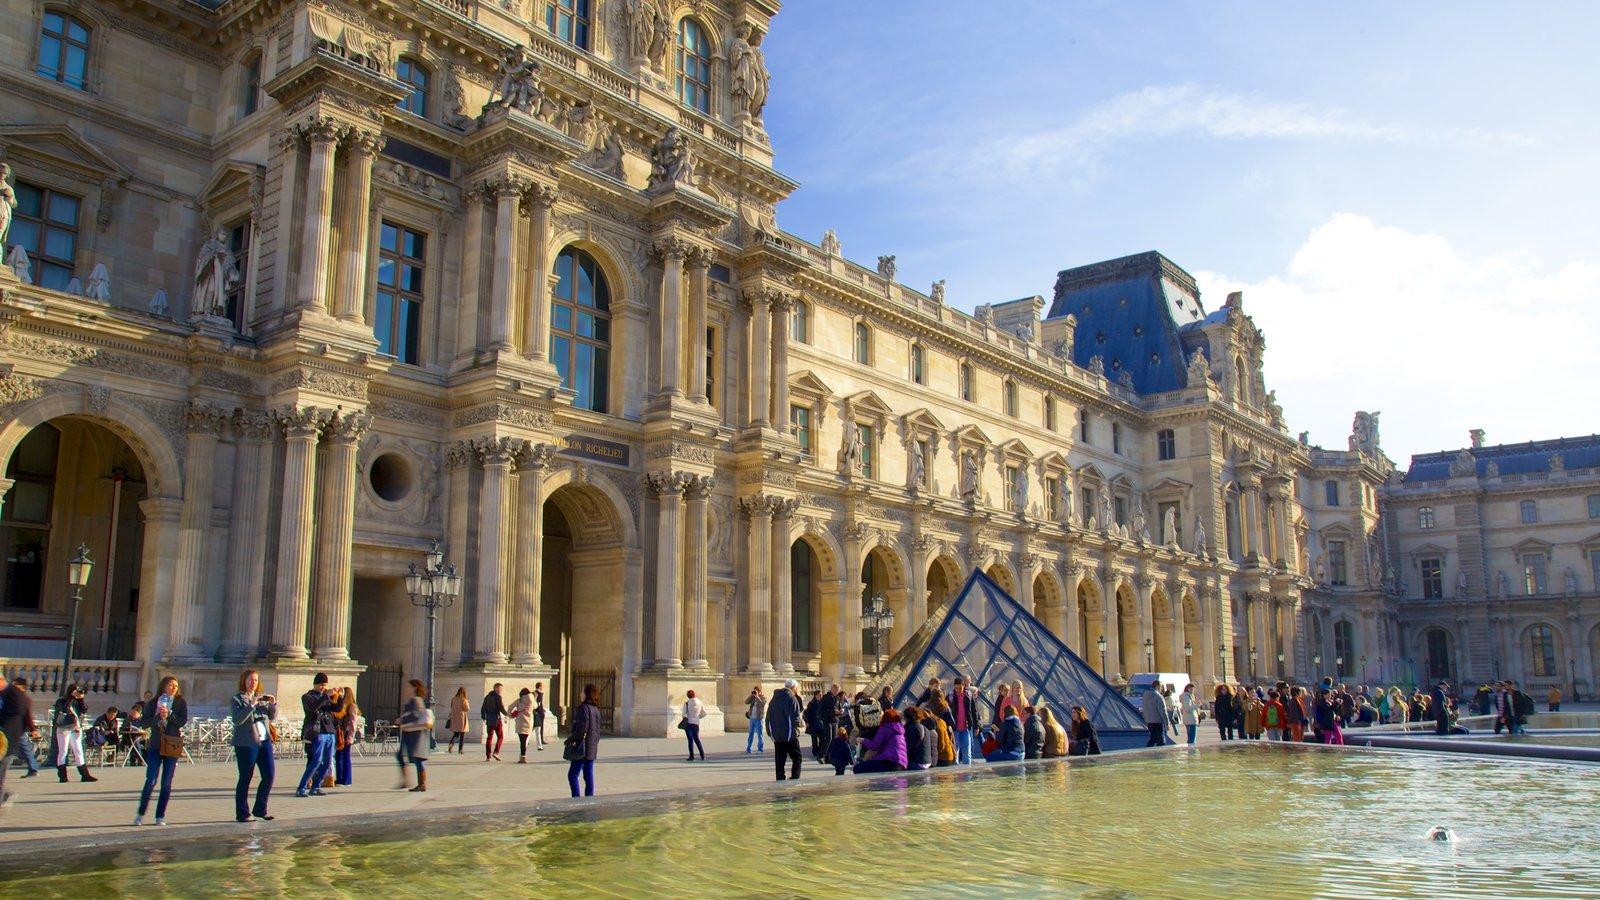 Museu do Louvre mostrando uma praça ou plaza, arquitetura de patrimônio e arquitetura moderna